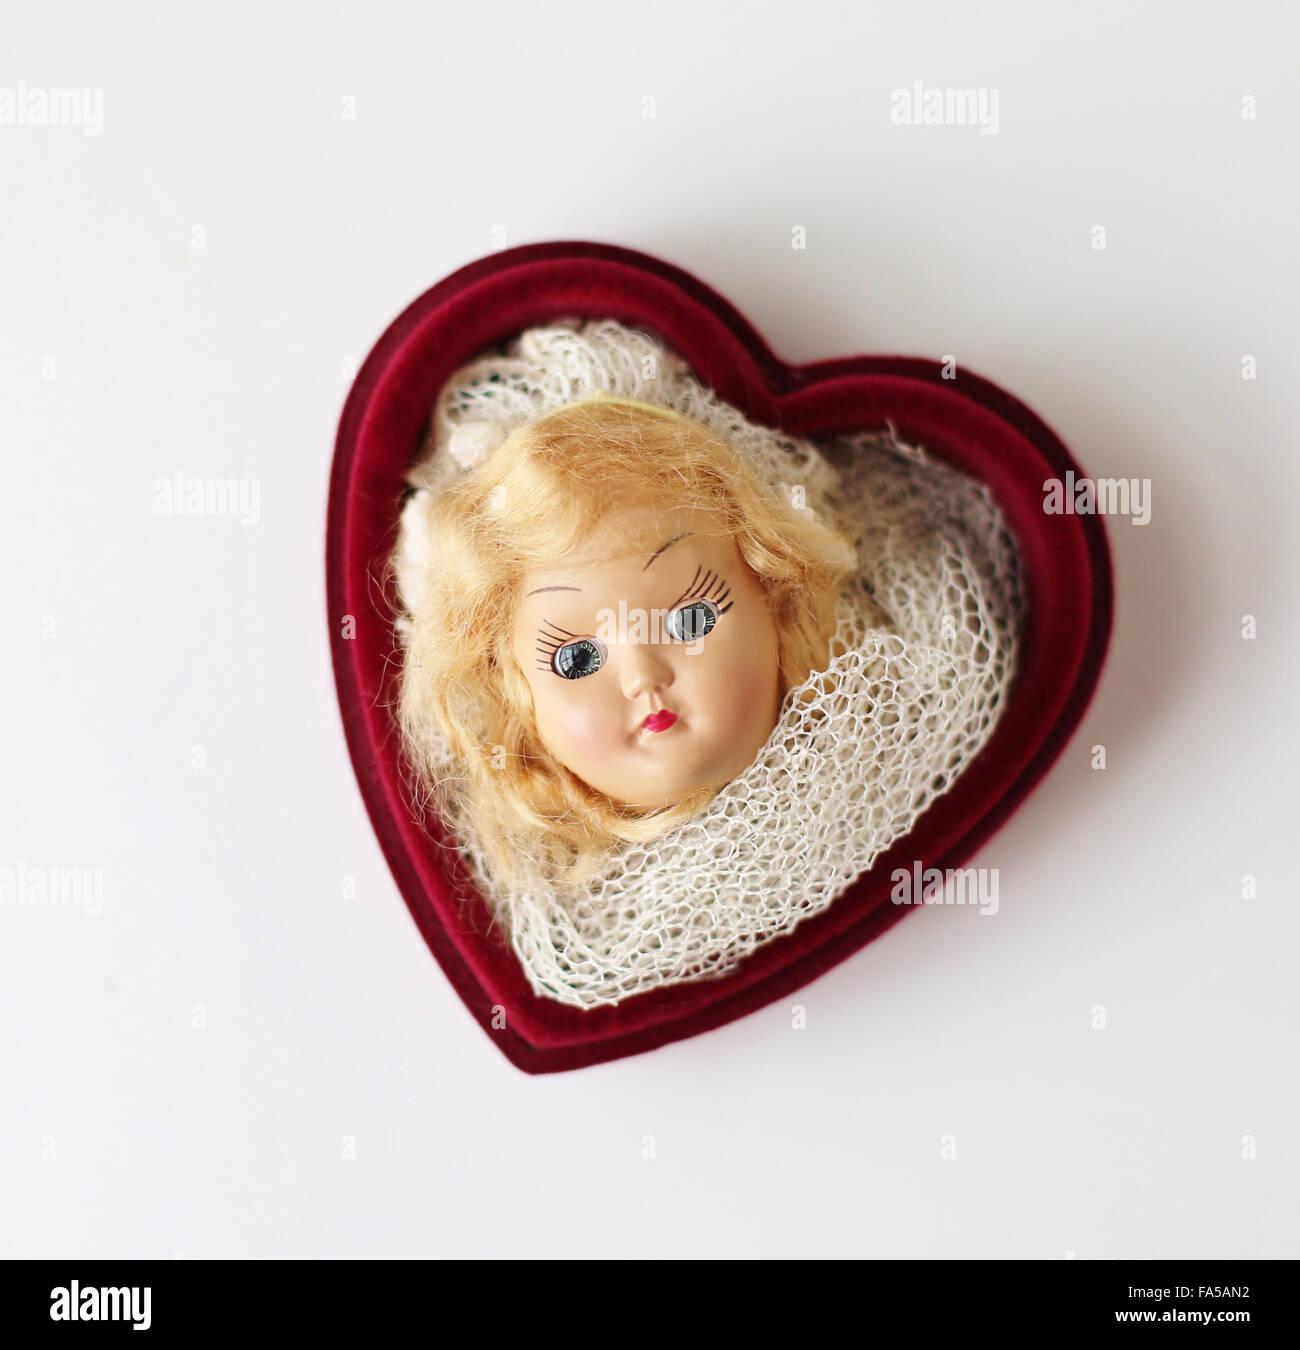 Un vecchio testa di bambola di una donna in un cuore scatola sagomata. Immagini Stock